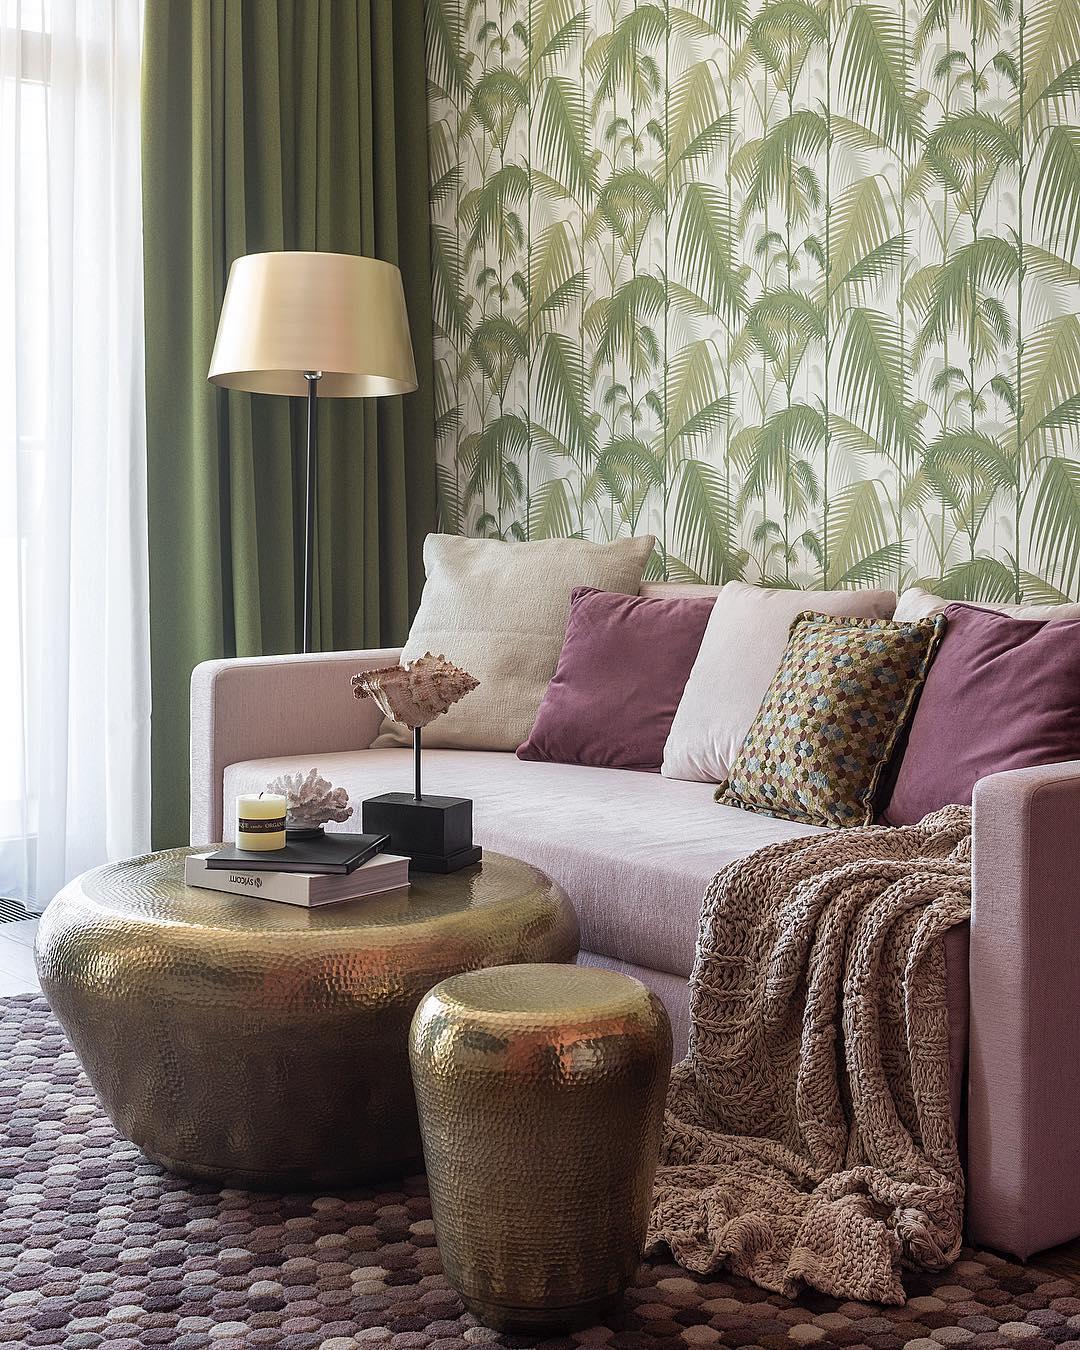 Make Interiors | Уютный уголок в гостиной под пальмами @cole_and_son_wallpapers 🌴☺️ И любимая латунь, с которой интерьер становится таким «теплым»😊 #tropical_holiday65 _______________________________________________________А вы бы сделали себе такие обои?!😍👍🏻 Или все еще за бежевенькие стены??😭😉